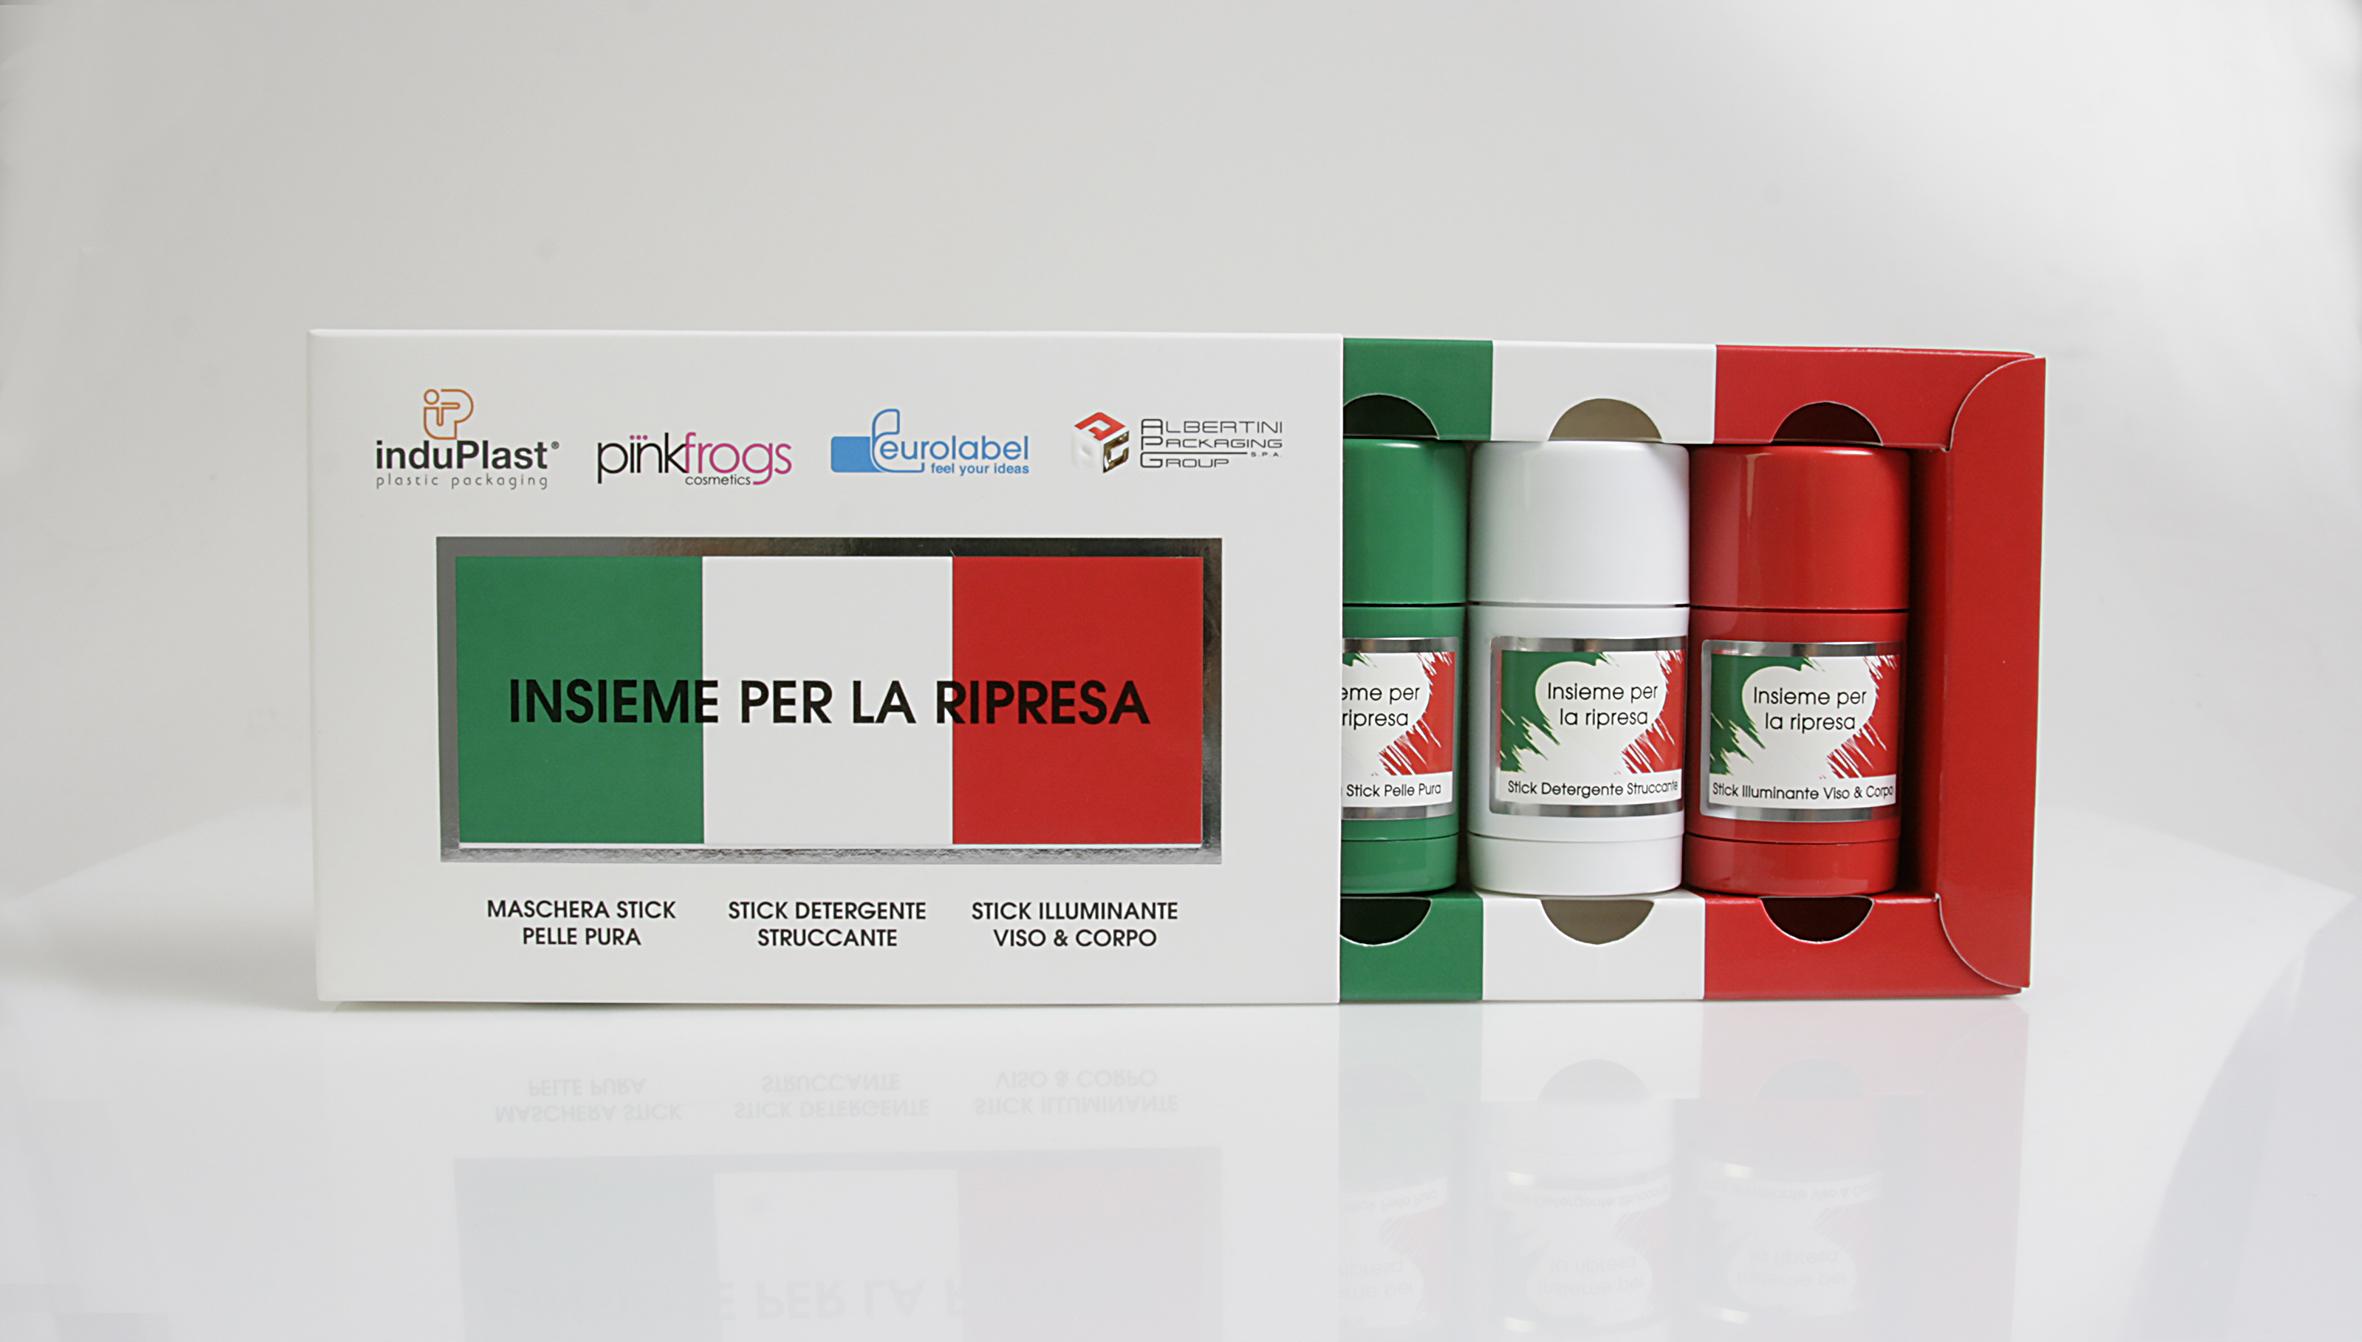 «Ensemble pour la reprise»: unis pour soutenir l'excellence du Made in Italy